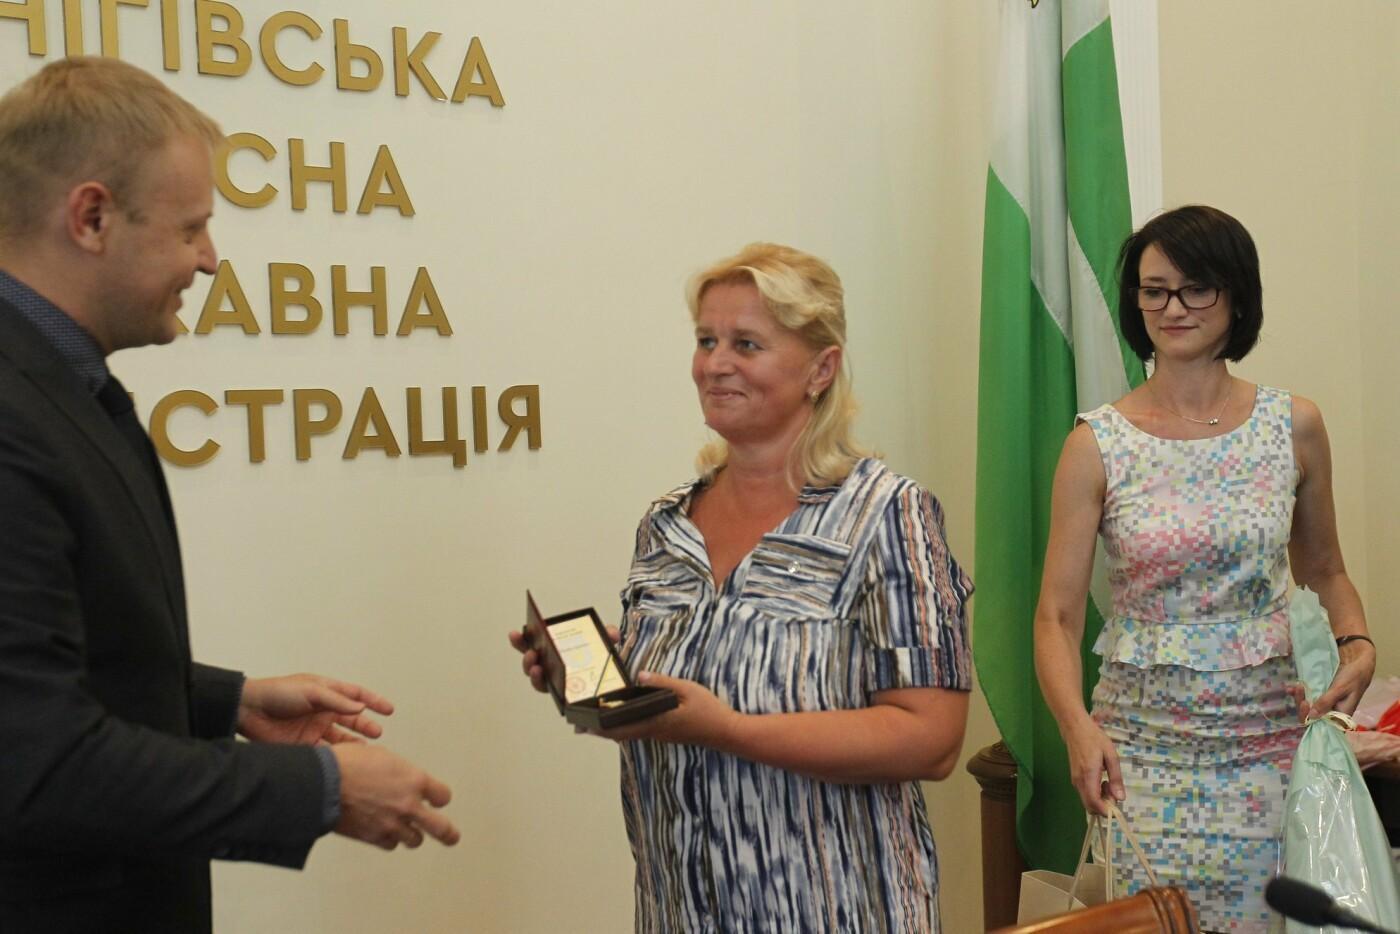 """13 жінкам з Чернігівщини присвоїли почесне звання """"Мати-Героїня"""", фото-1"""